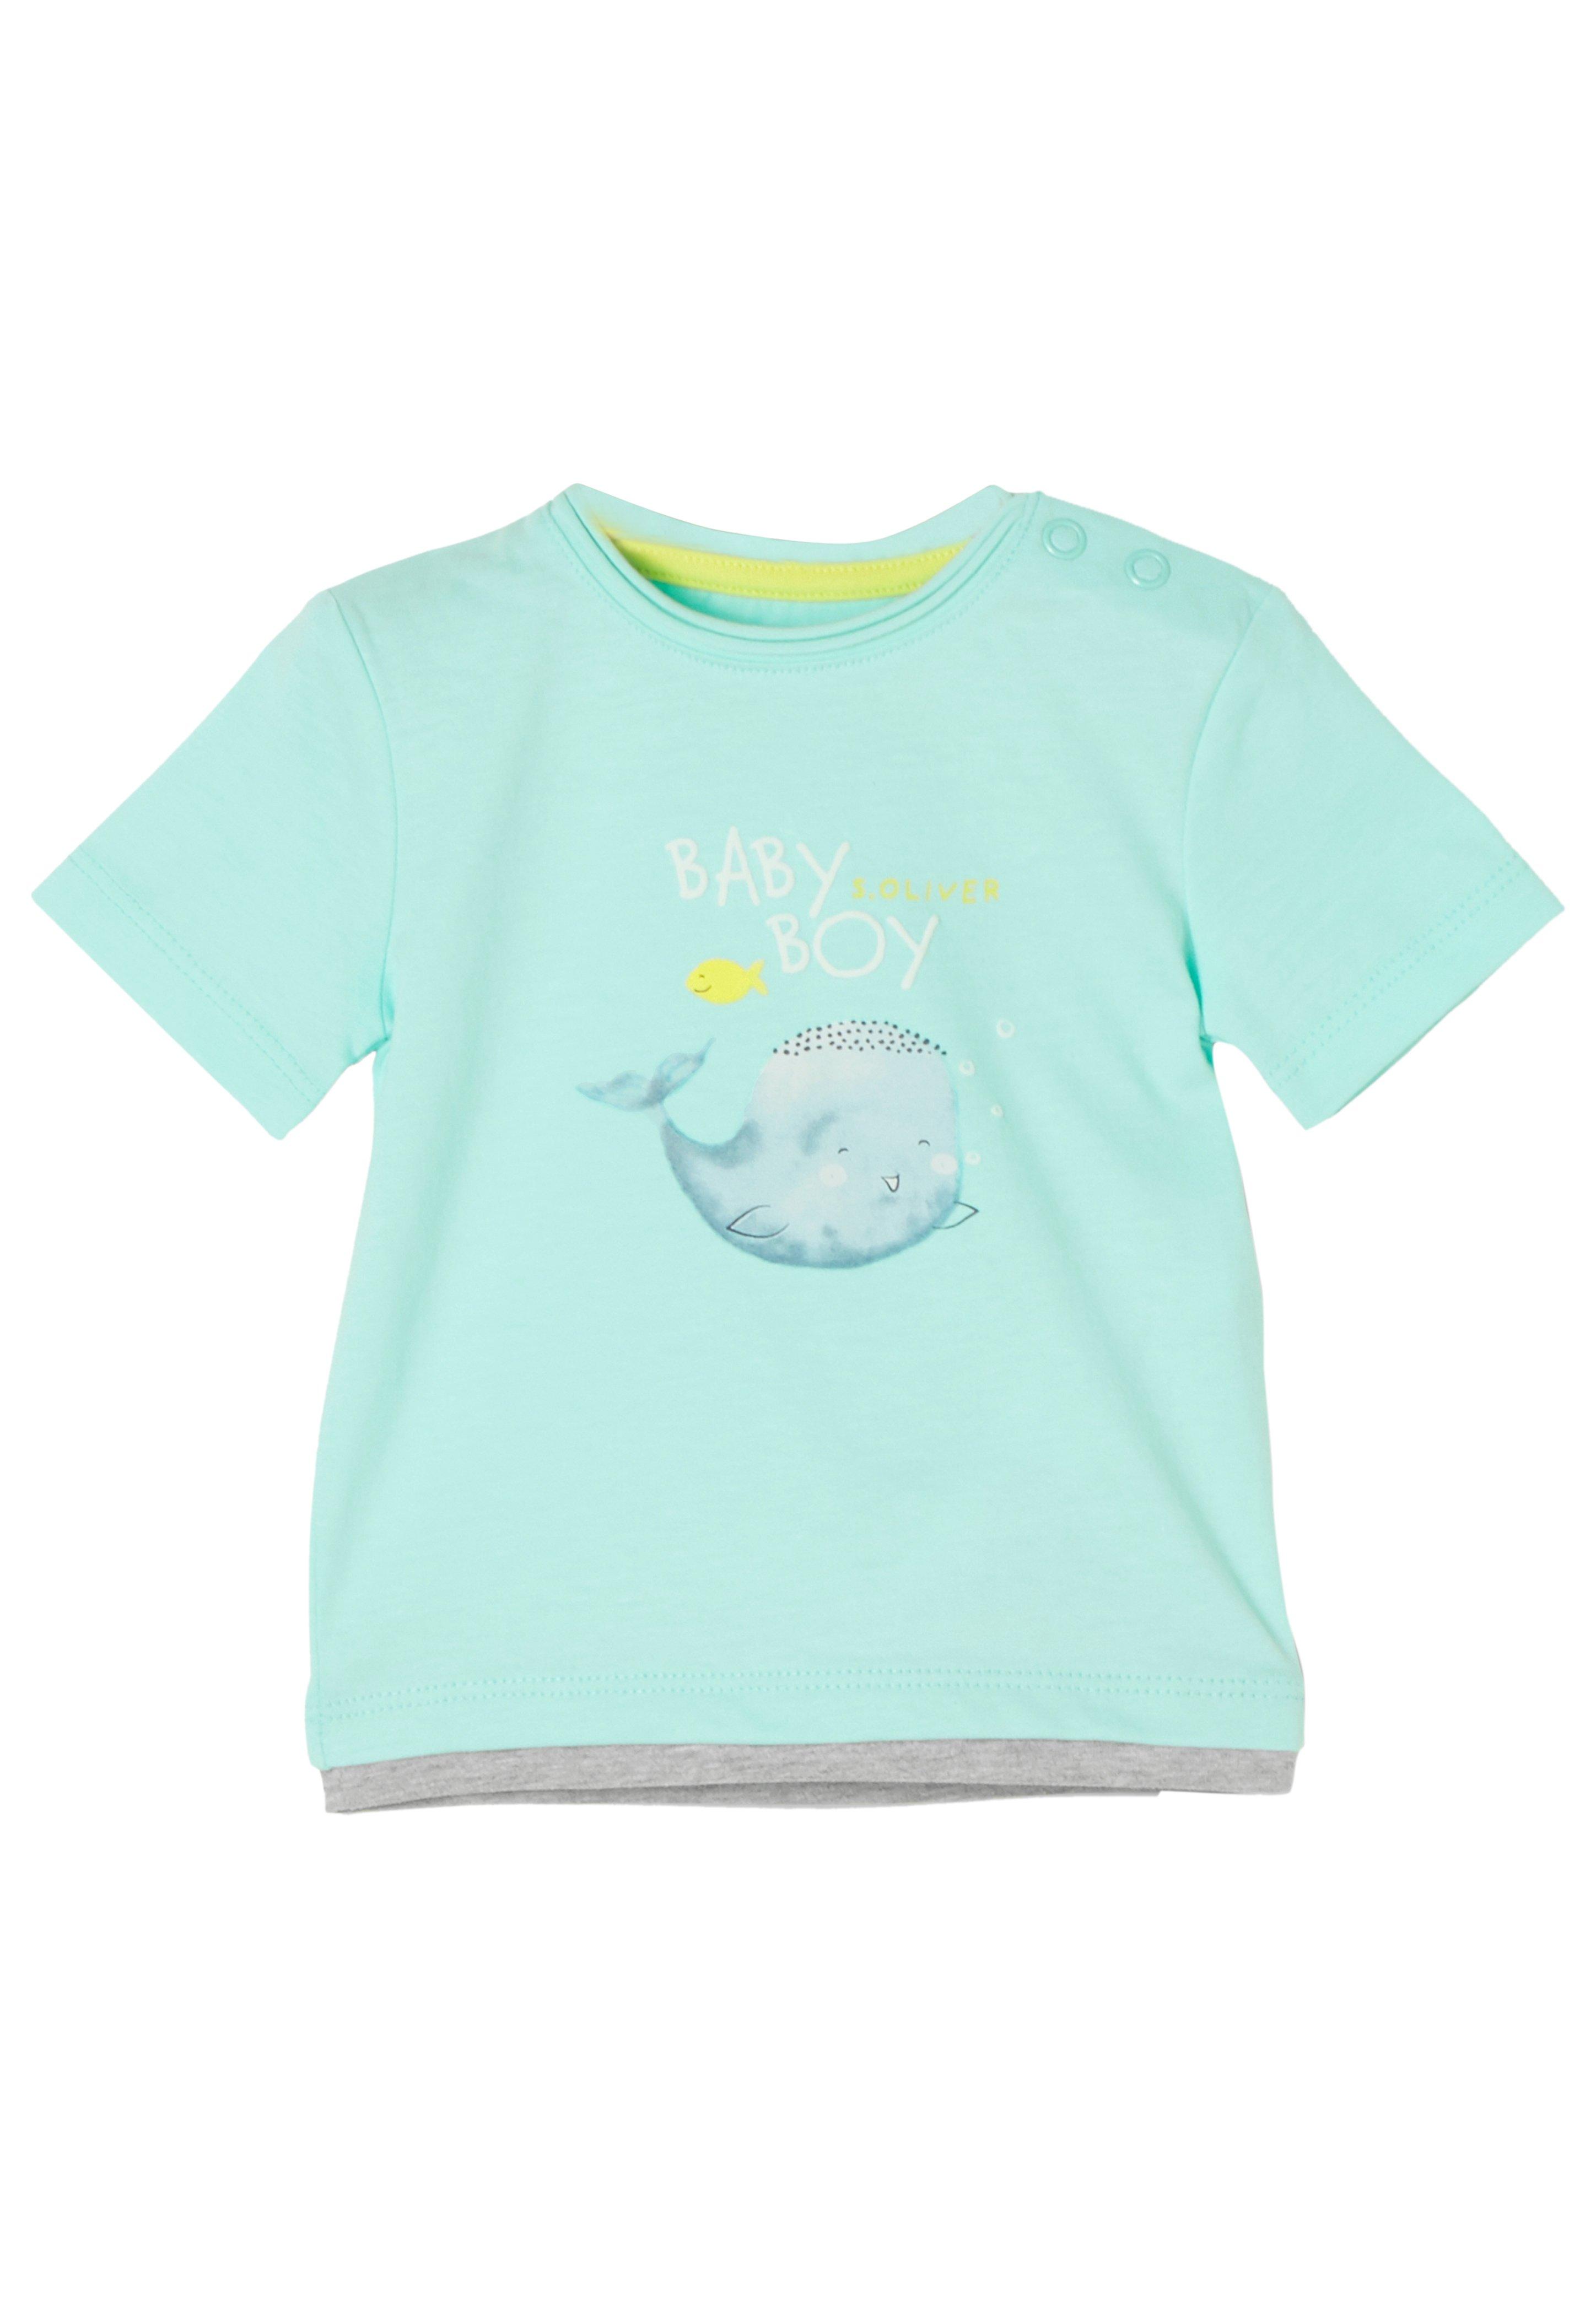 Große Förderung s.Oliver T-Shirt print - mint/grey melange | Damenbekleidung 2020